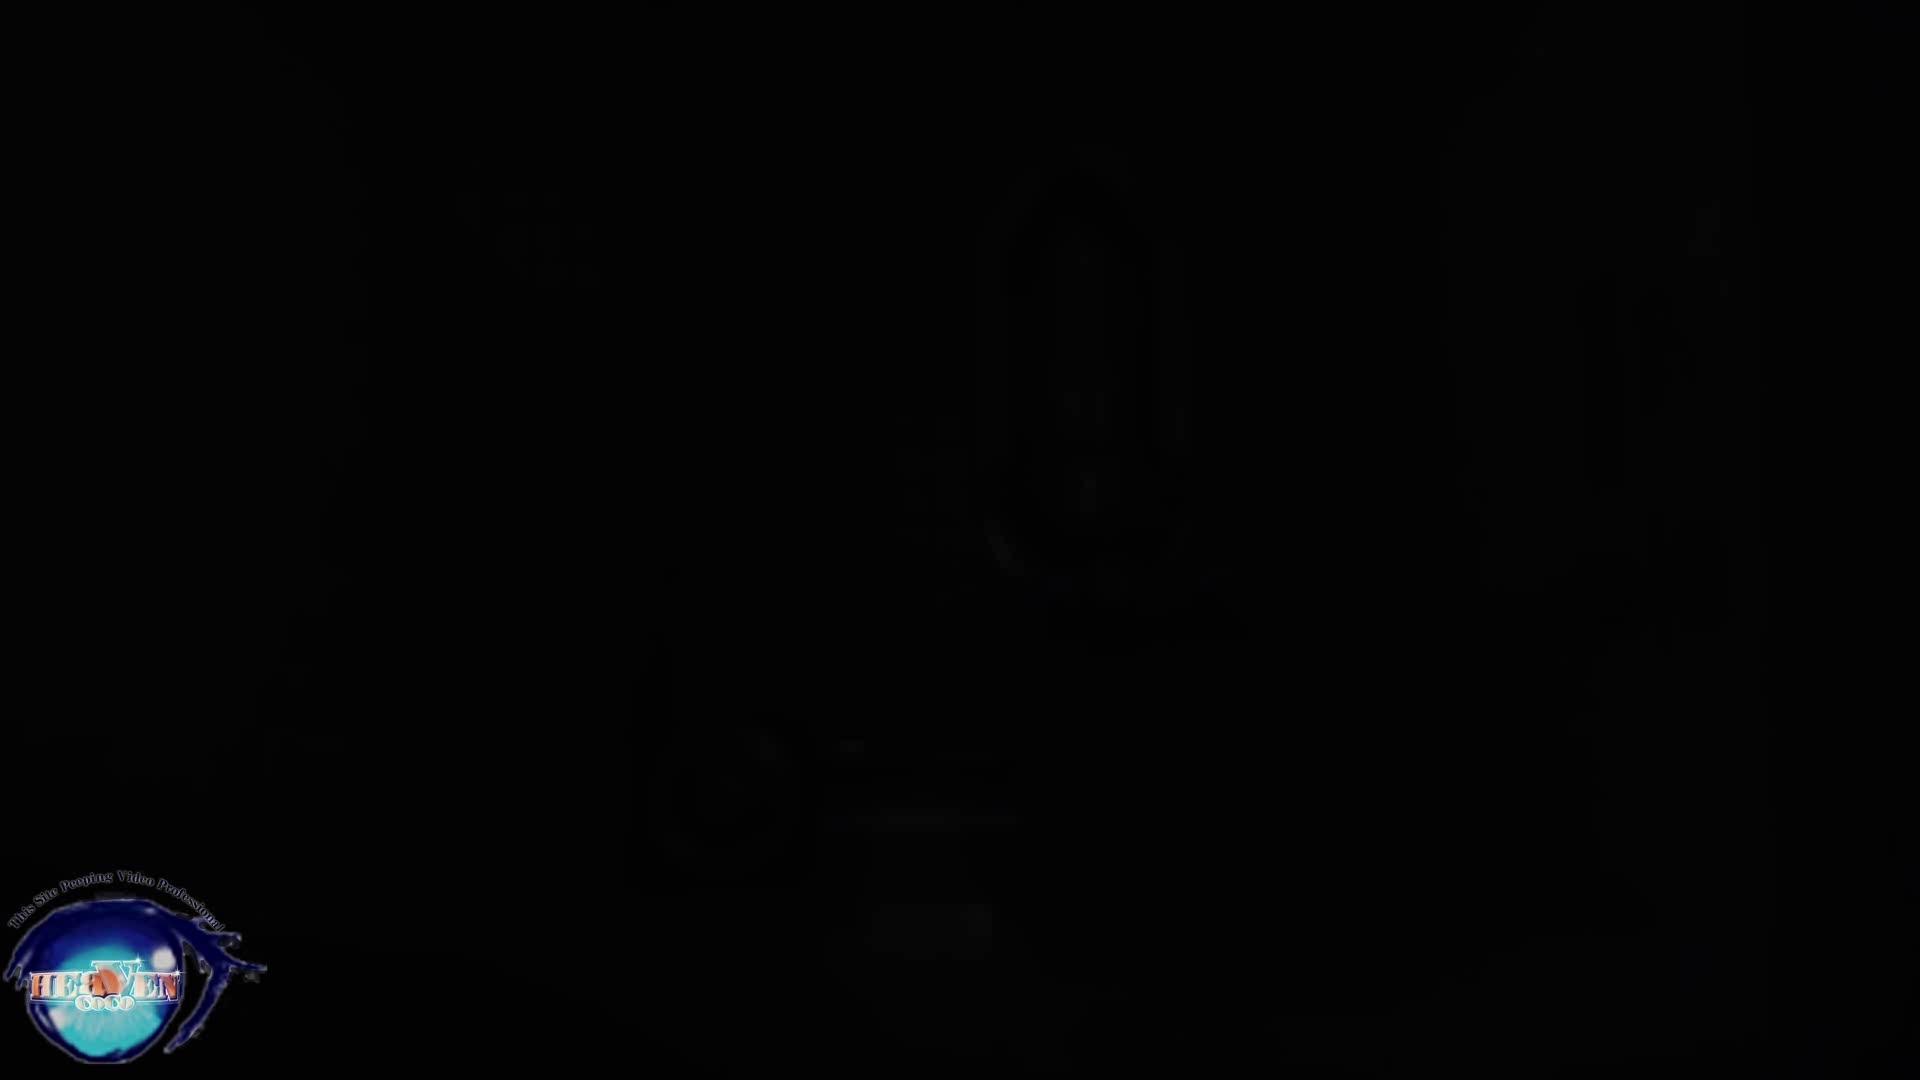 水泳大会選手の聖水 vol.01 水着 おまんこ動画流出 102PIX 14